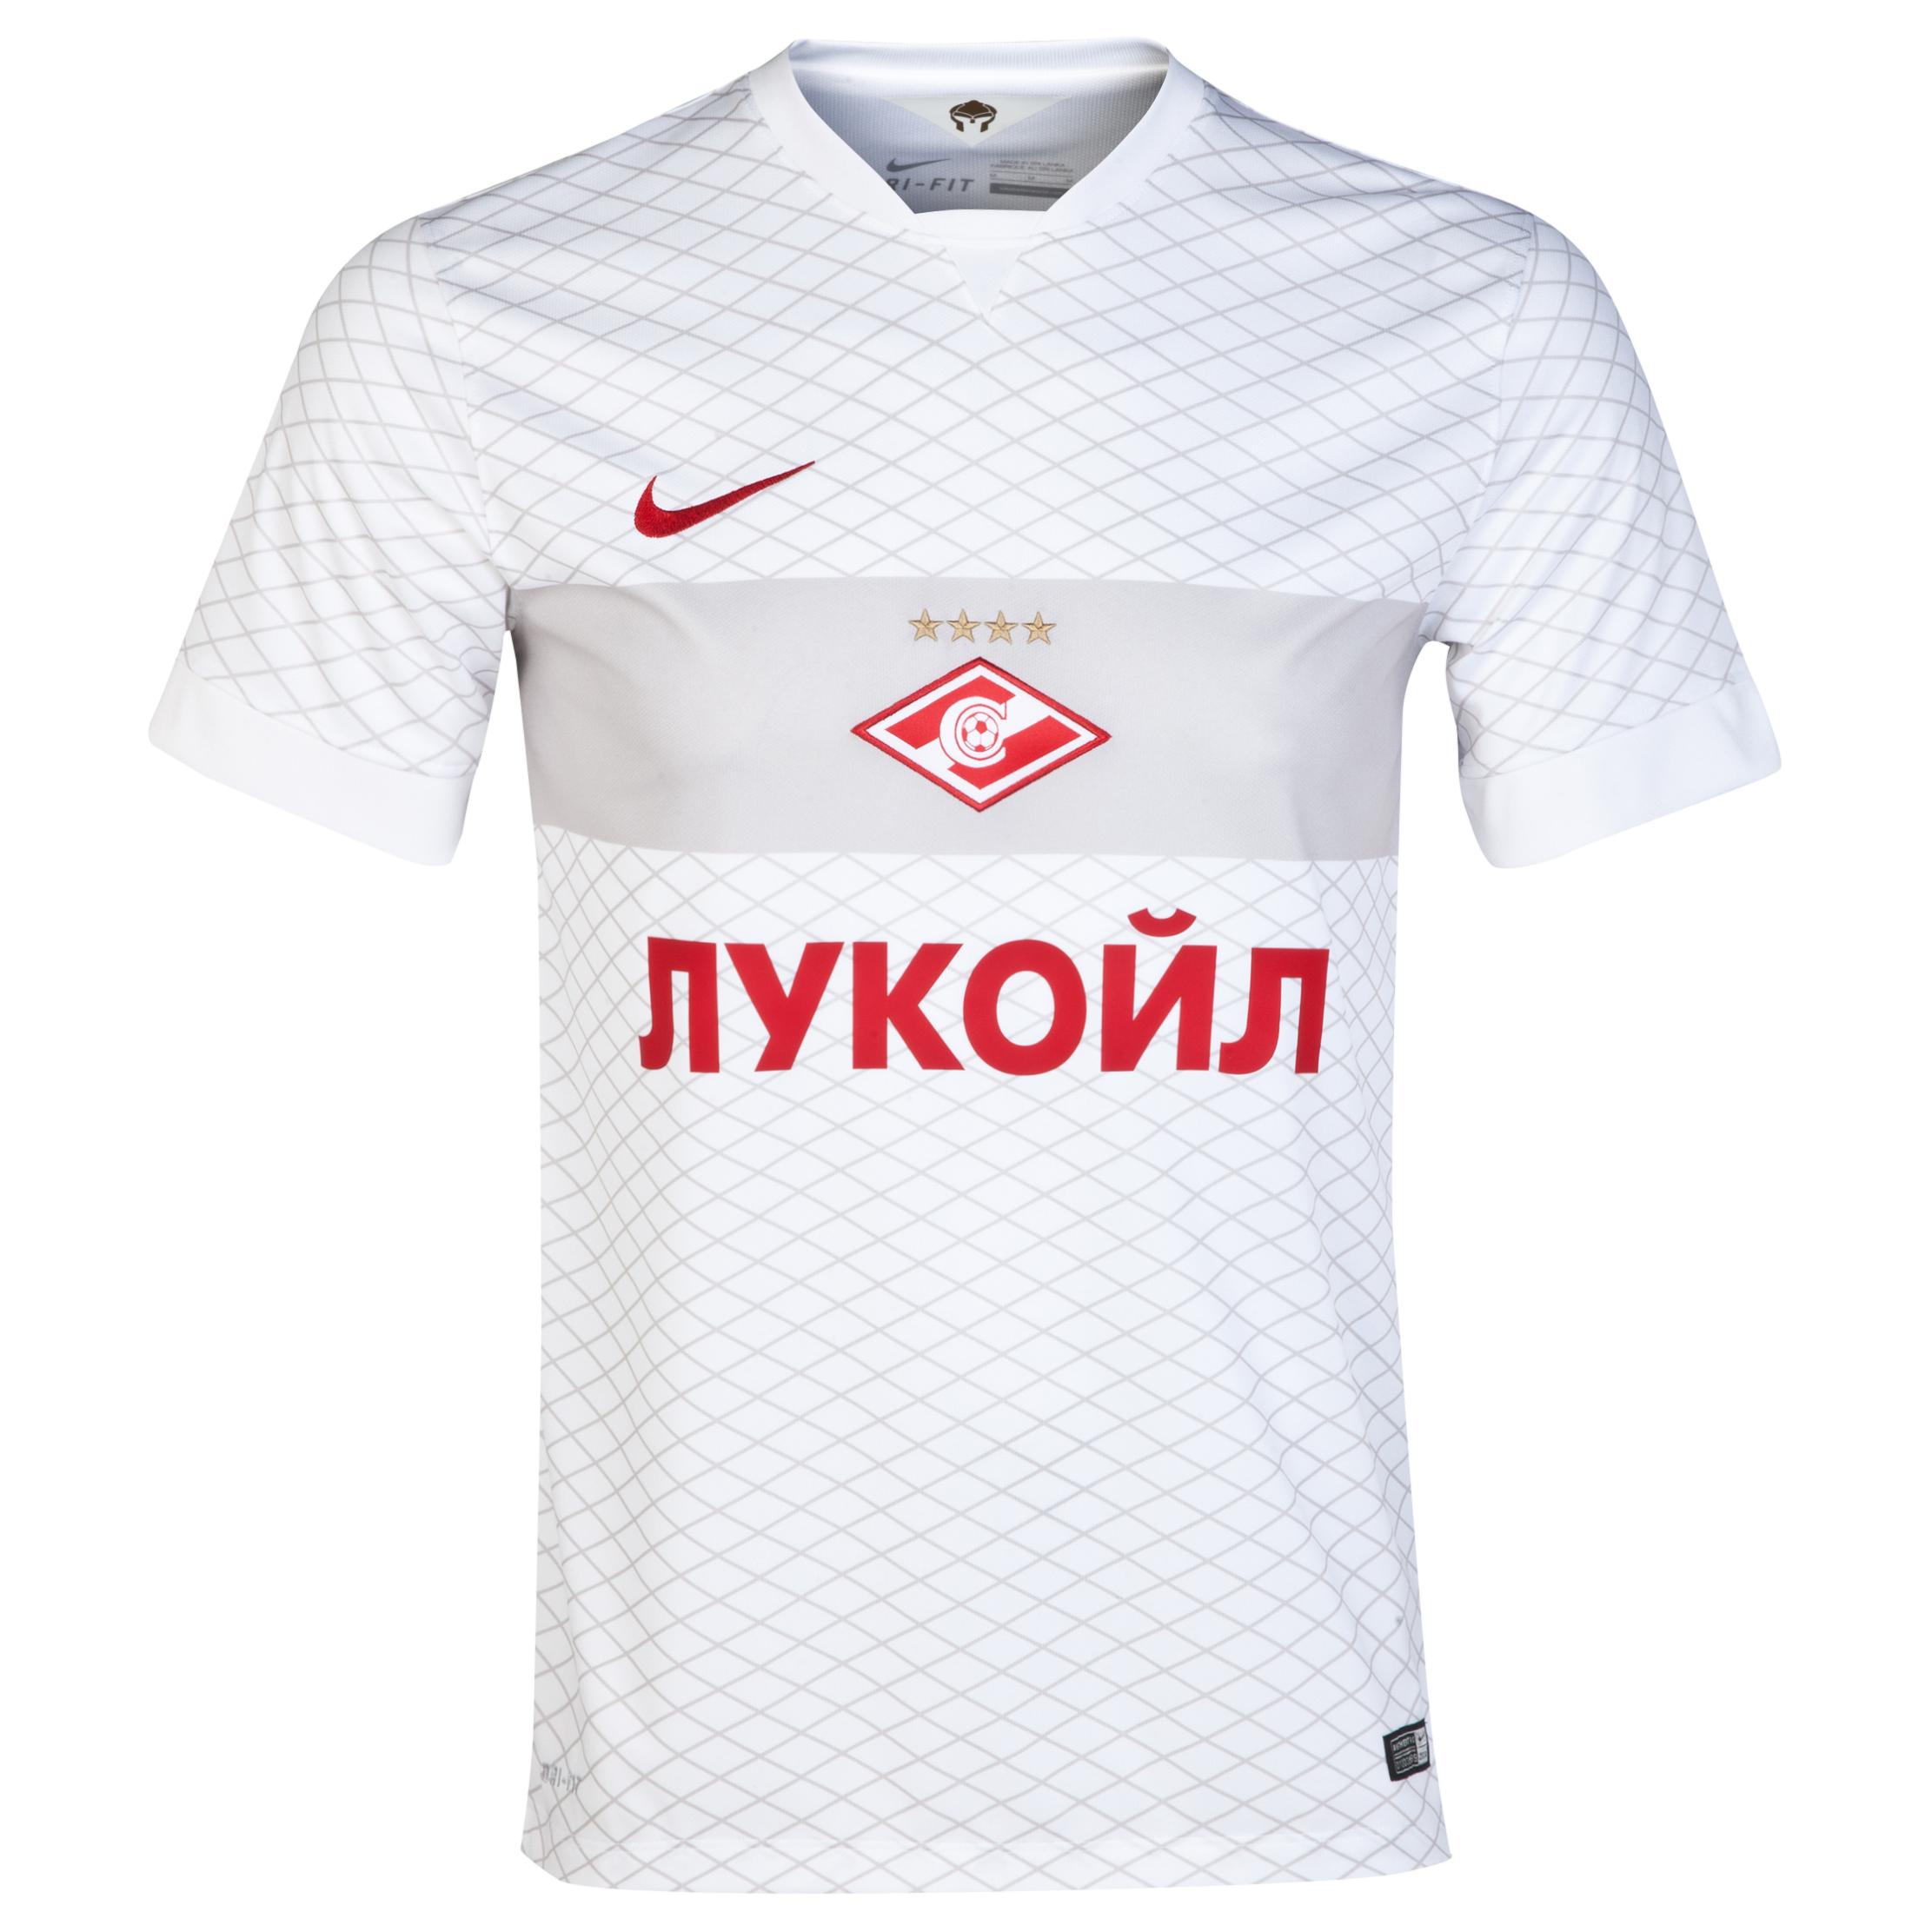 Spartak Moscow Away Shirt 2014/15 White